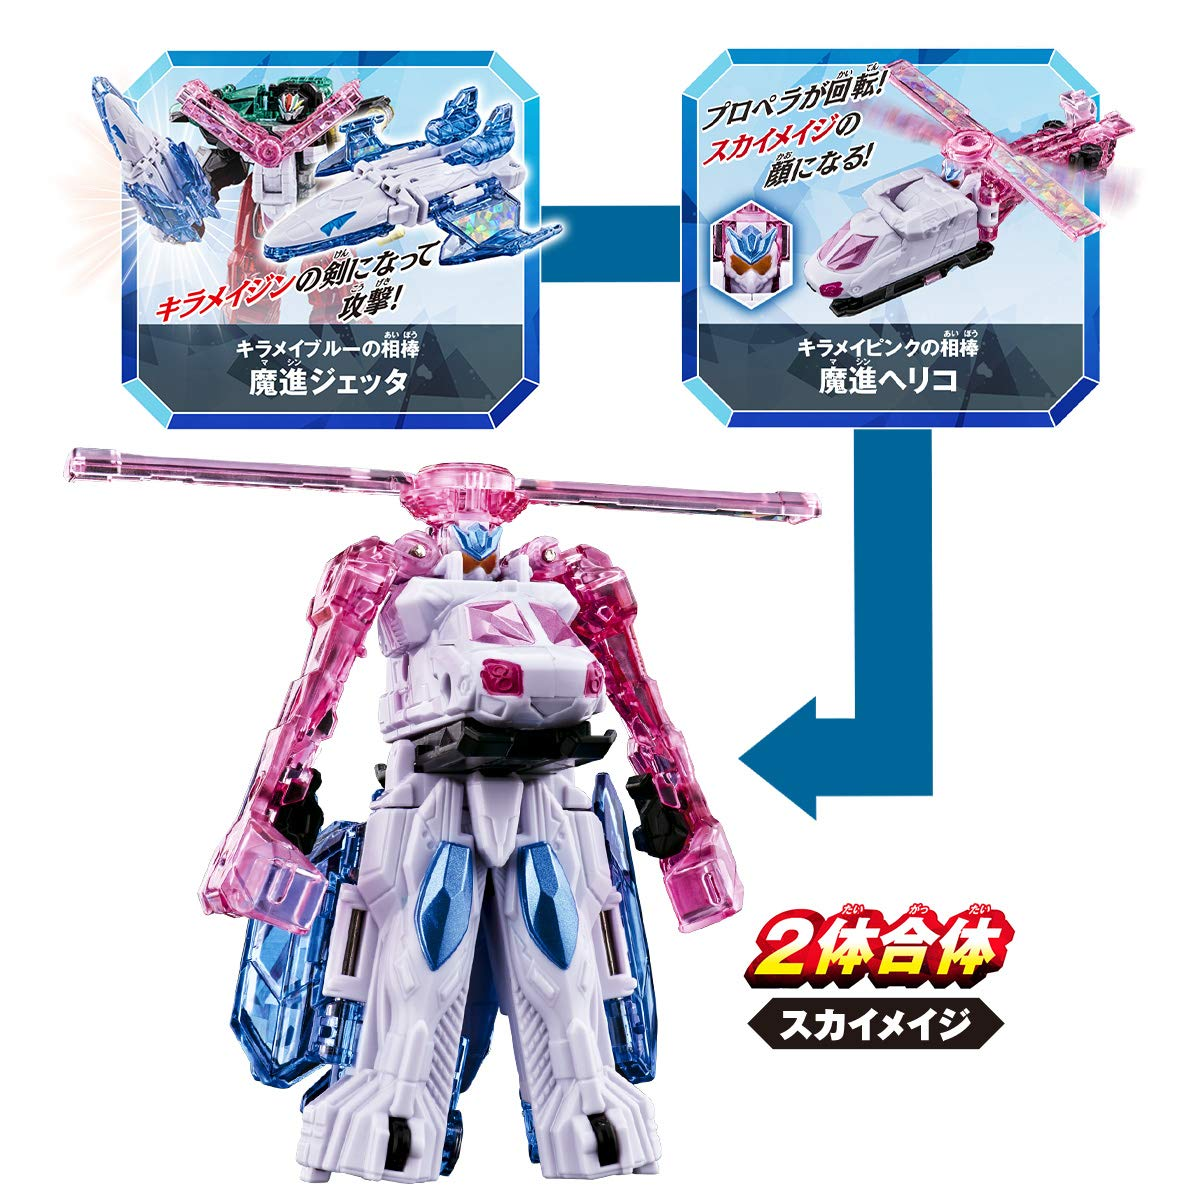 キラメイジャー ロボシリーズ01『魔進合体 DXキラメイジンセット』可変可動フィギュア-008